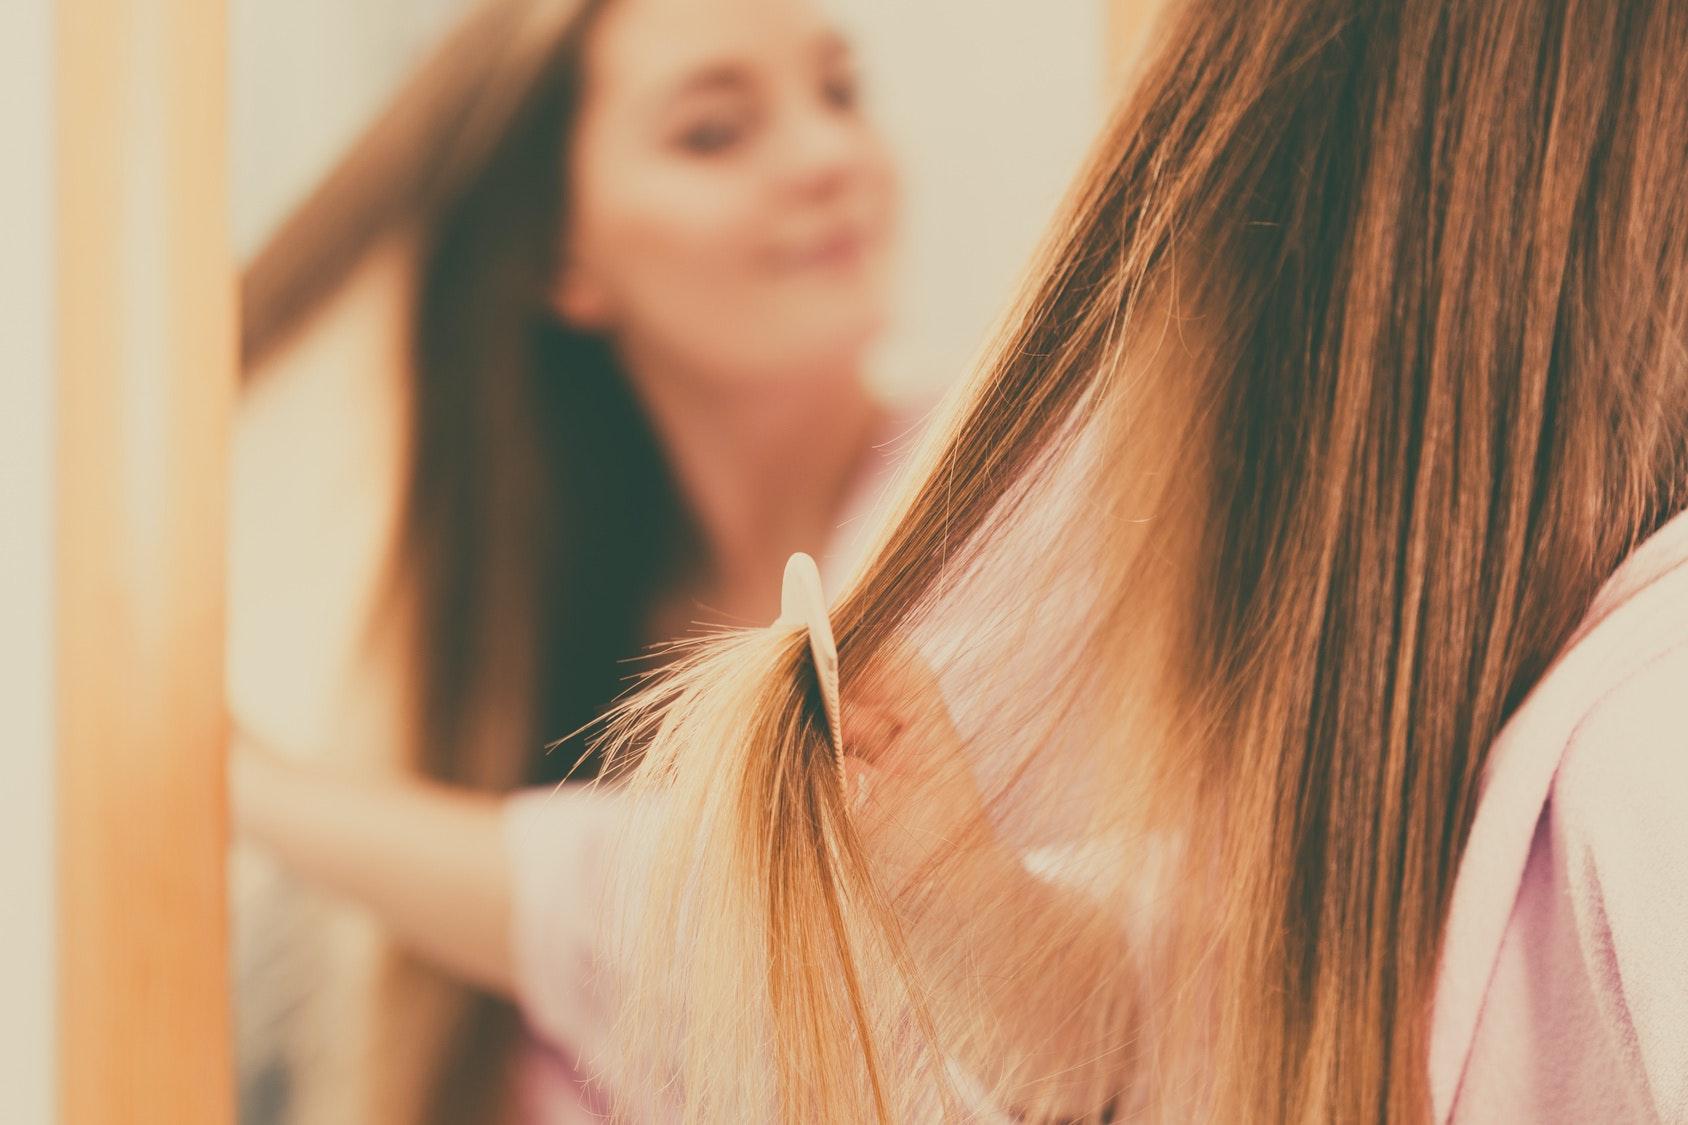 Traitement chute de cheveux femme apres accouchement